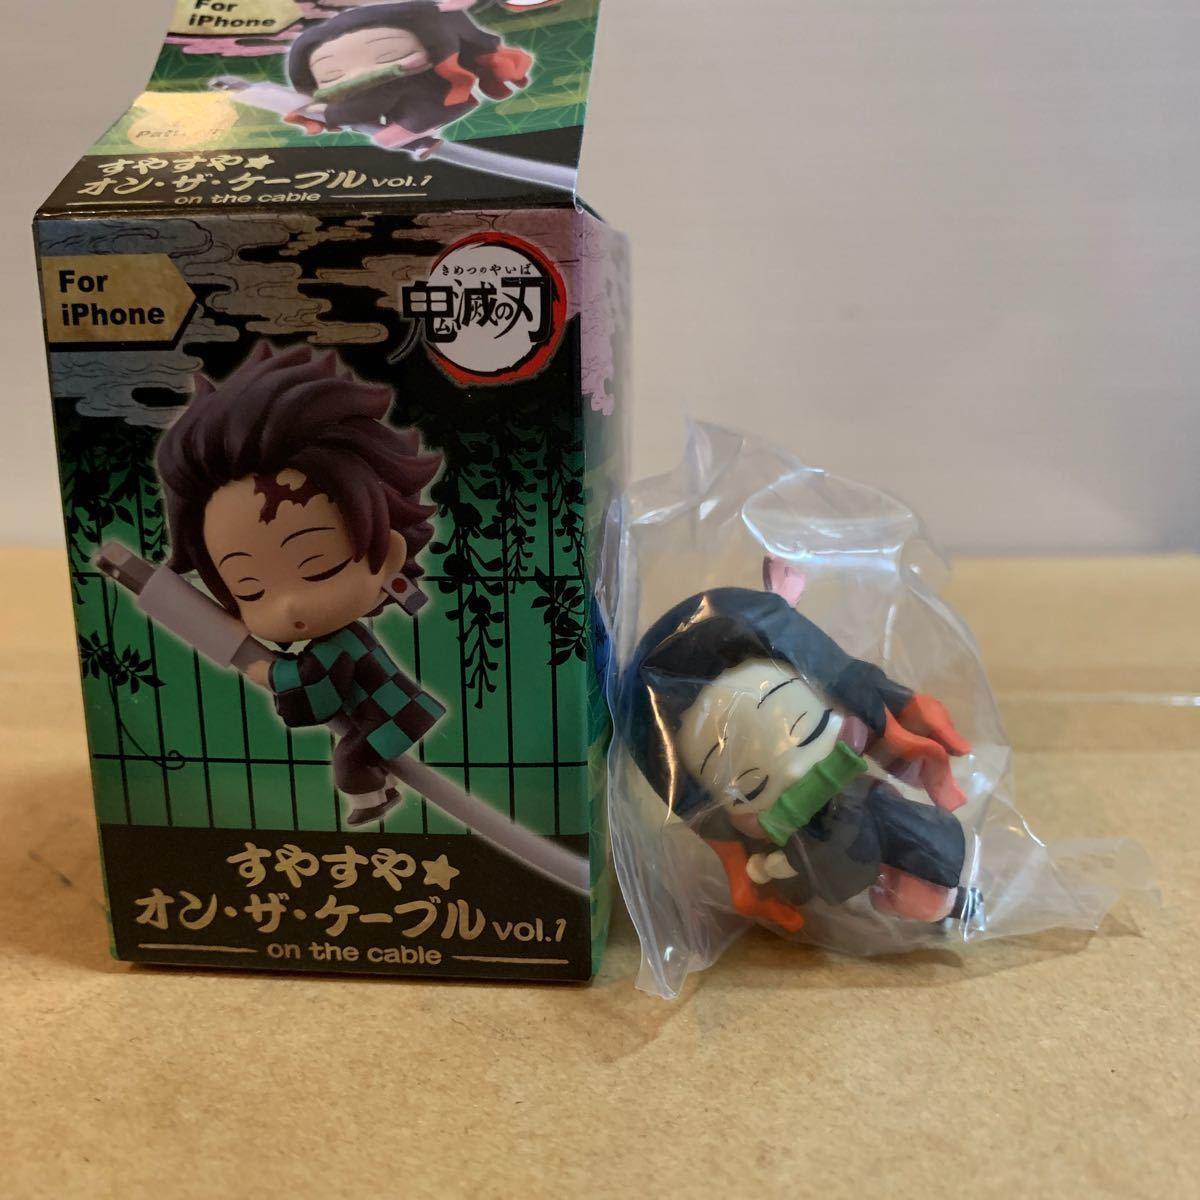 鬼滅の刃 すやすや☆ オン・ザ・ケーブル vol.1 竈門 禰豆子